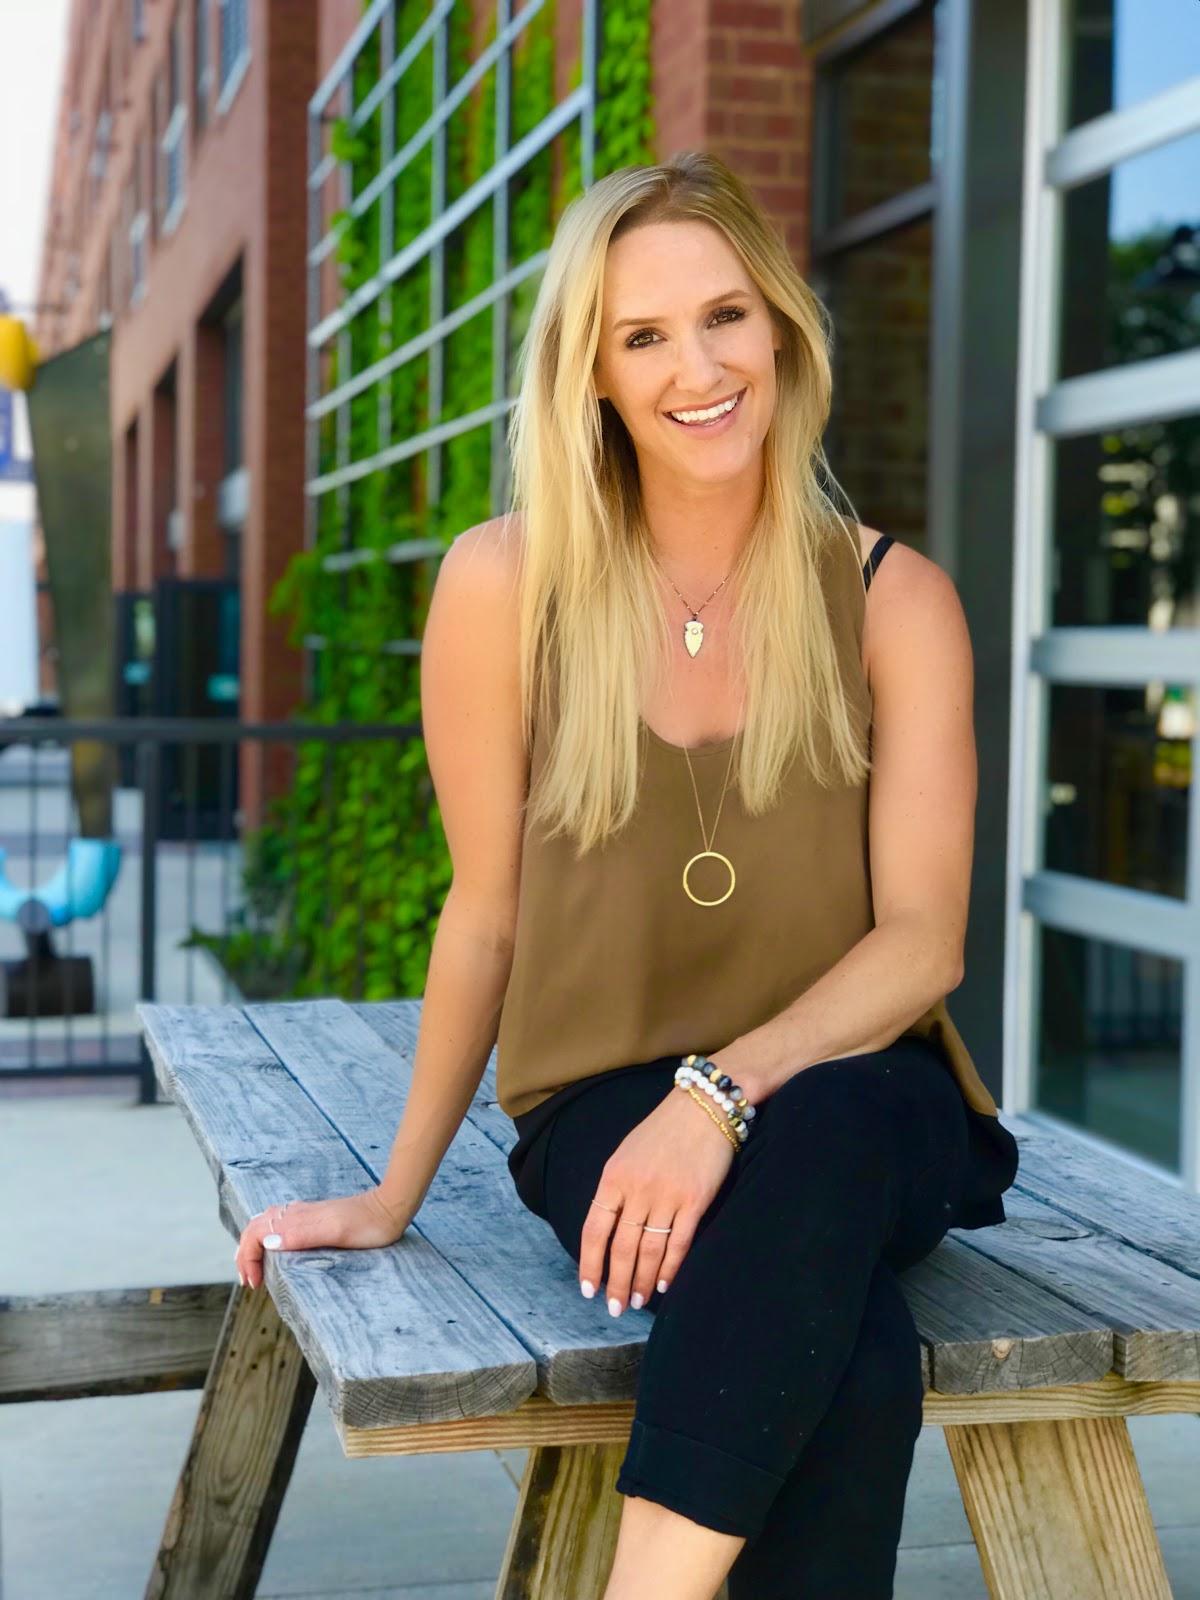 Nikki Smith, owner of Nikki Smith Designs.